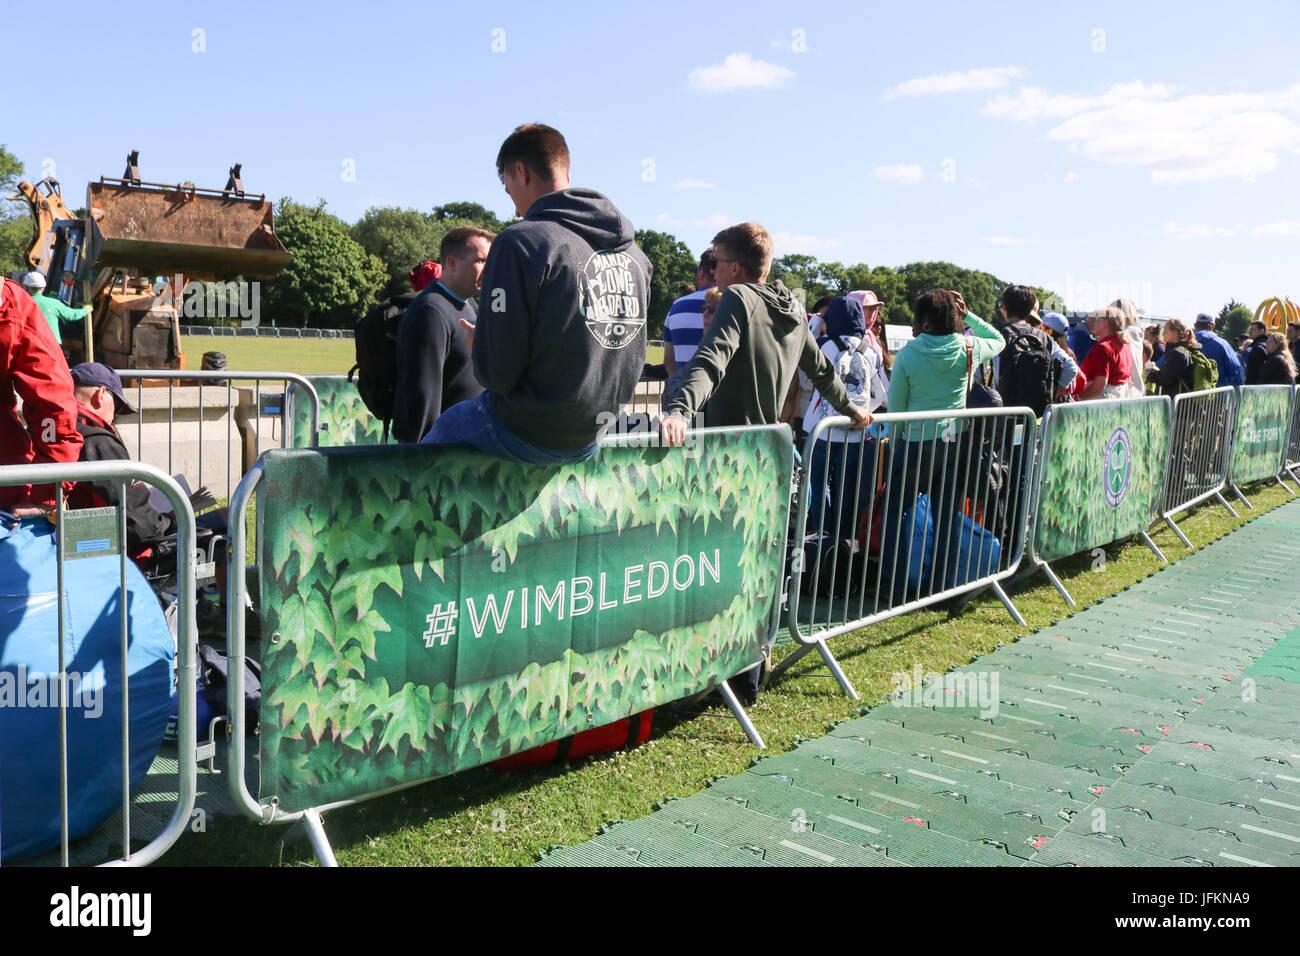 Londres, Reino Unido. El 2 de julio de 2017. La primera a los aficionados al tenis llegar temprano por la mañana Imagen De Stock